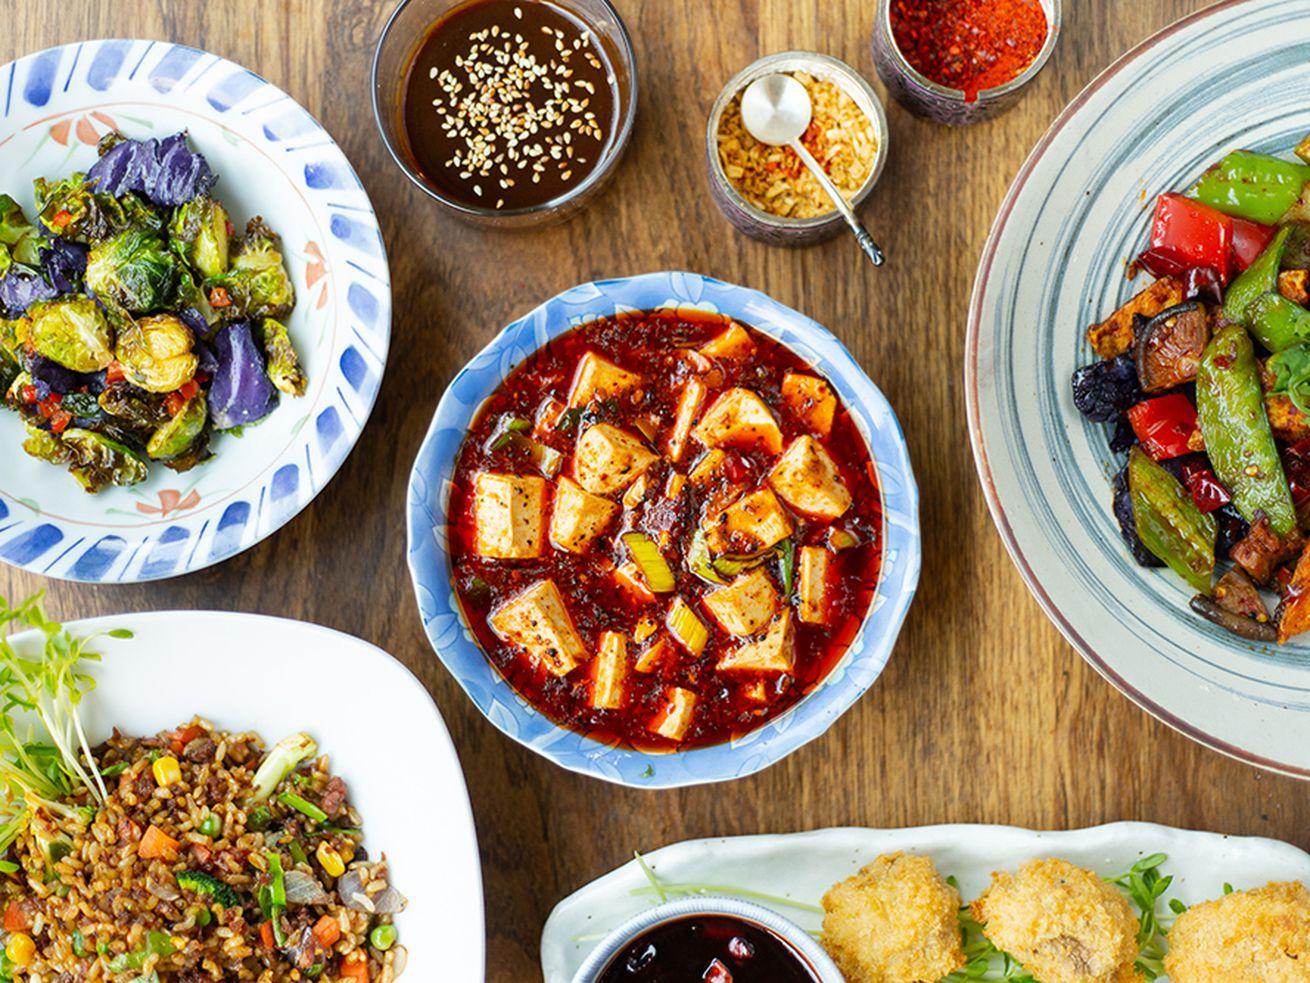 19 Reliable Vegan Restaurants In Nyc Best Vegetarian Restaurants Vegan Restaurants Nyc Best Vegan Restaurants